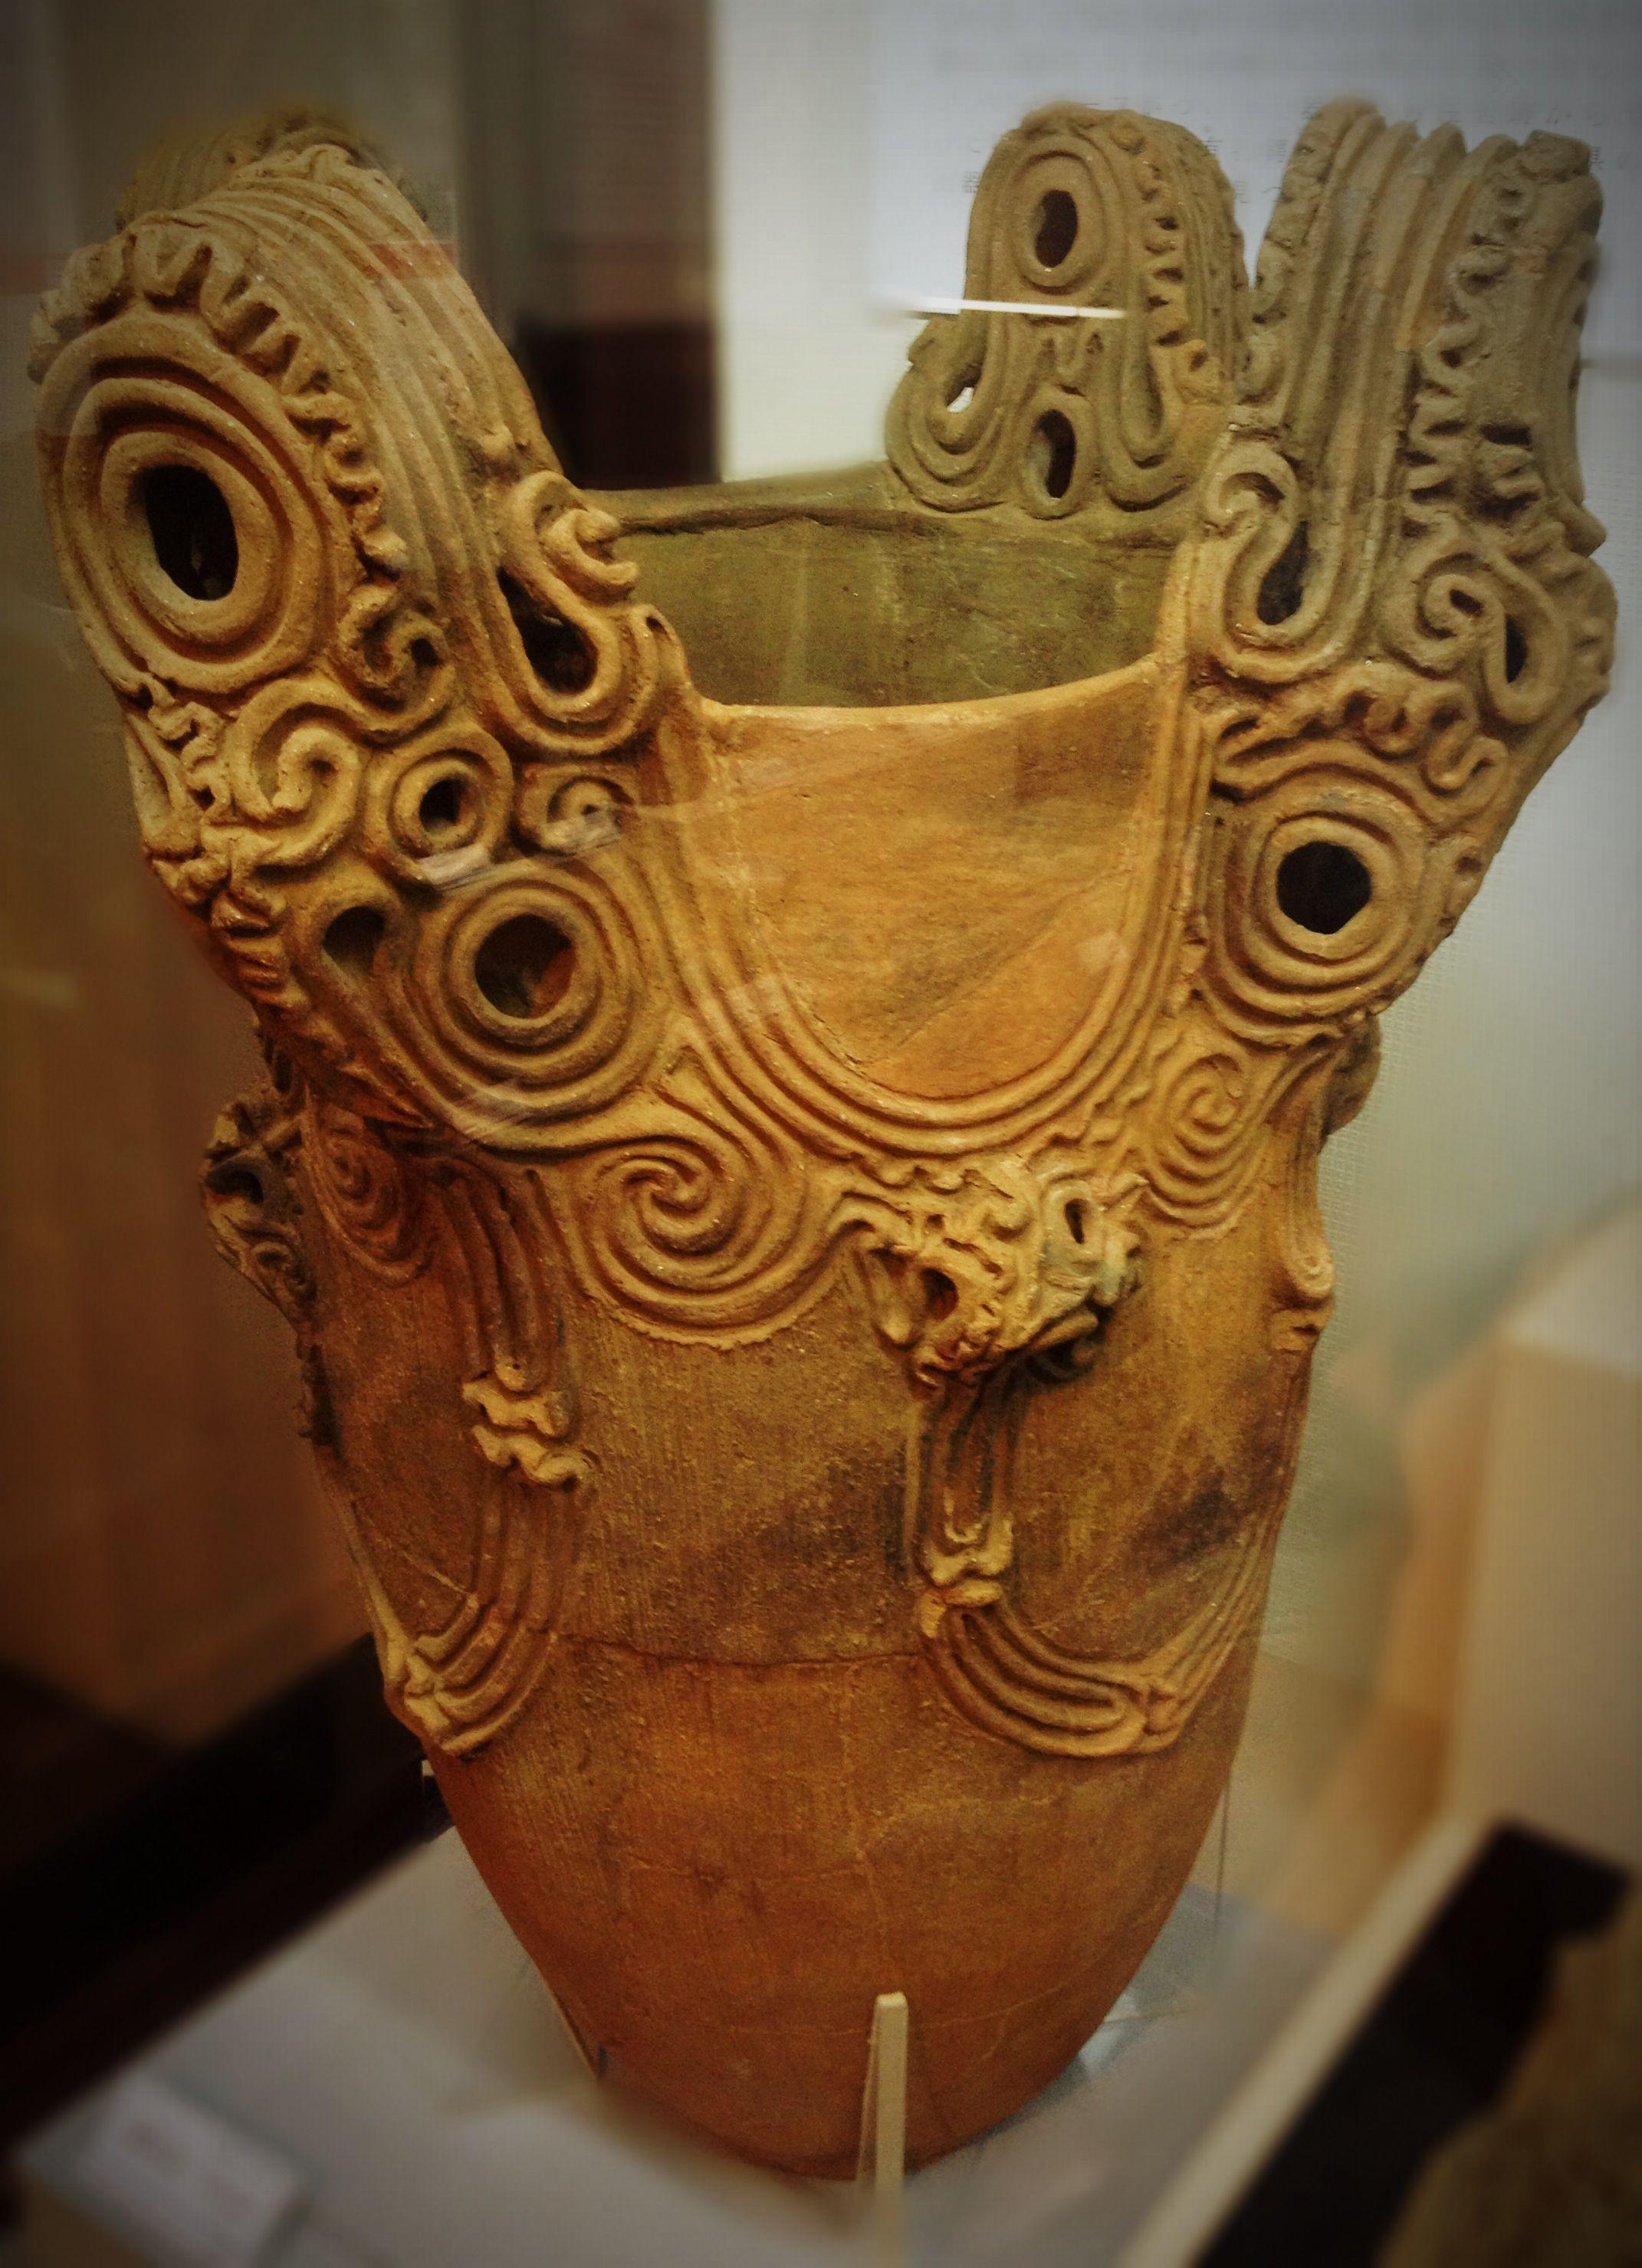 Suienmon Doki | 古代アート, 縄文時代, 古代史